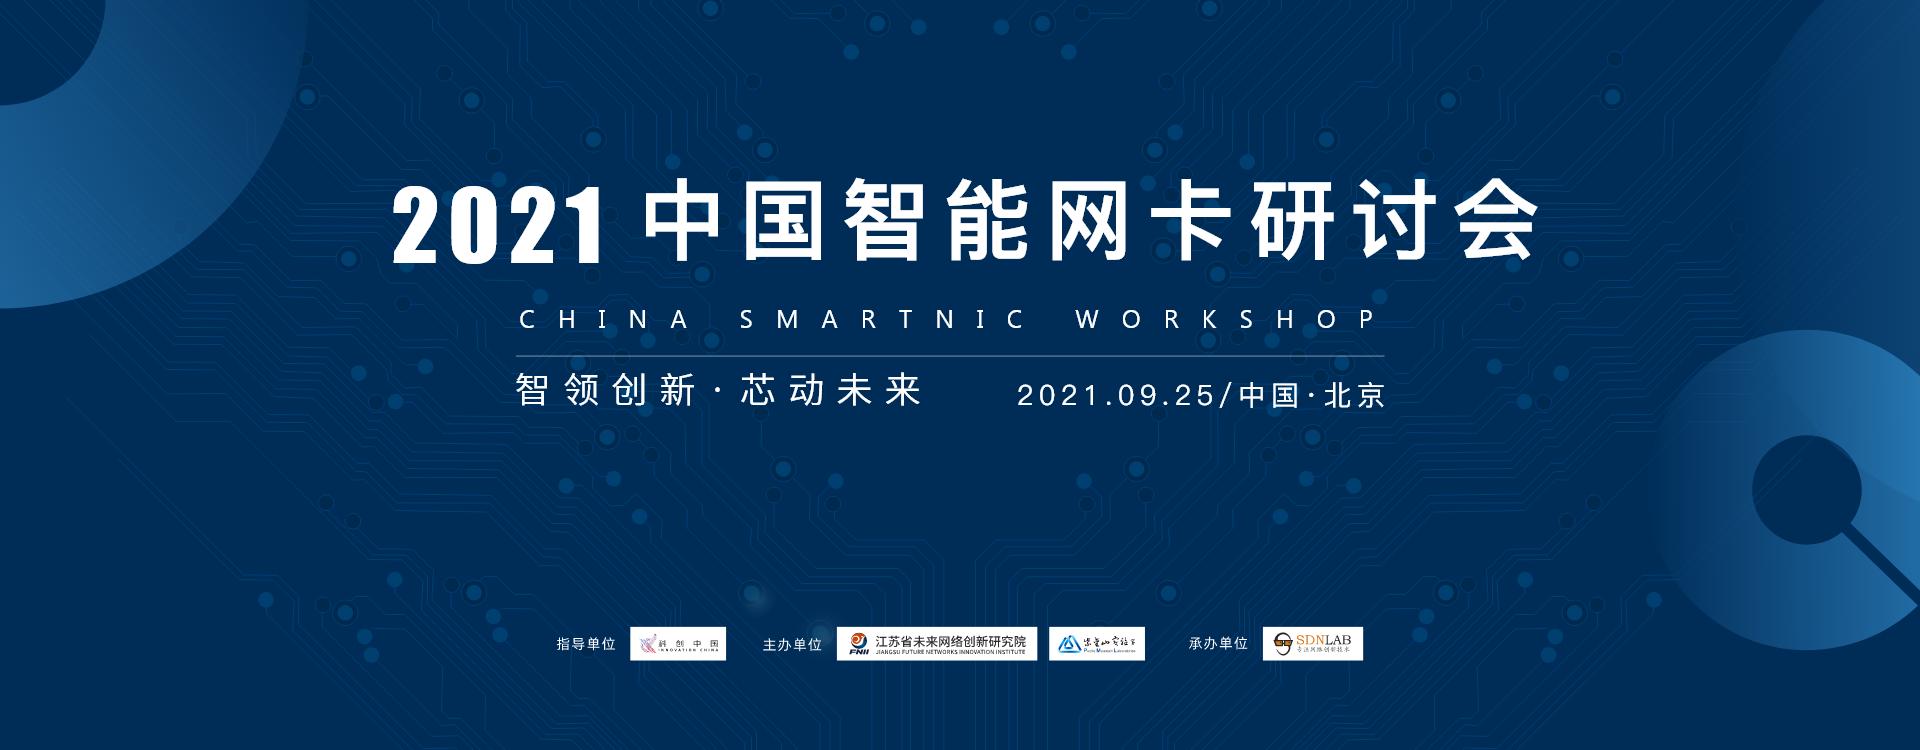 2021中国智能网卡研讨会